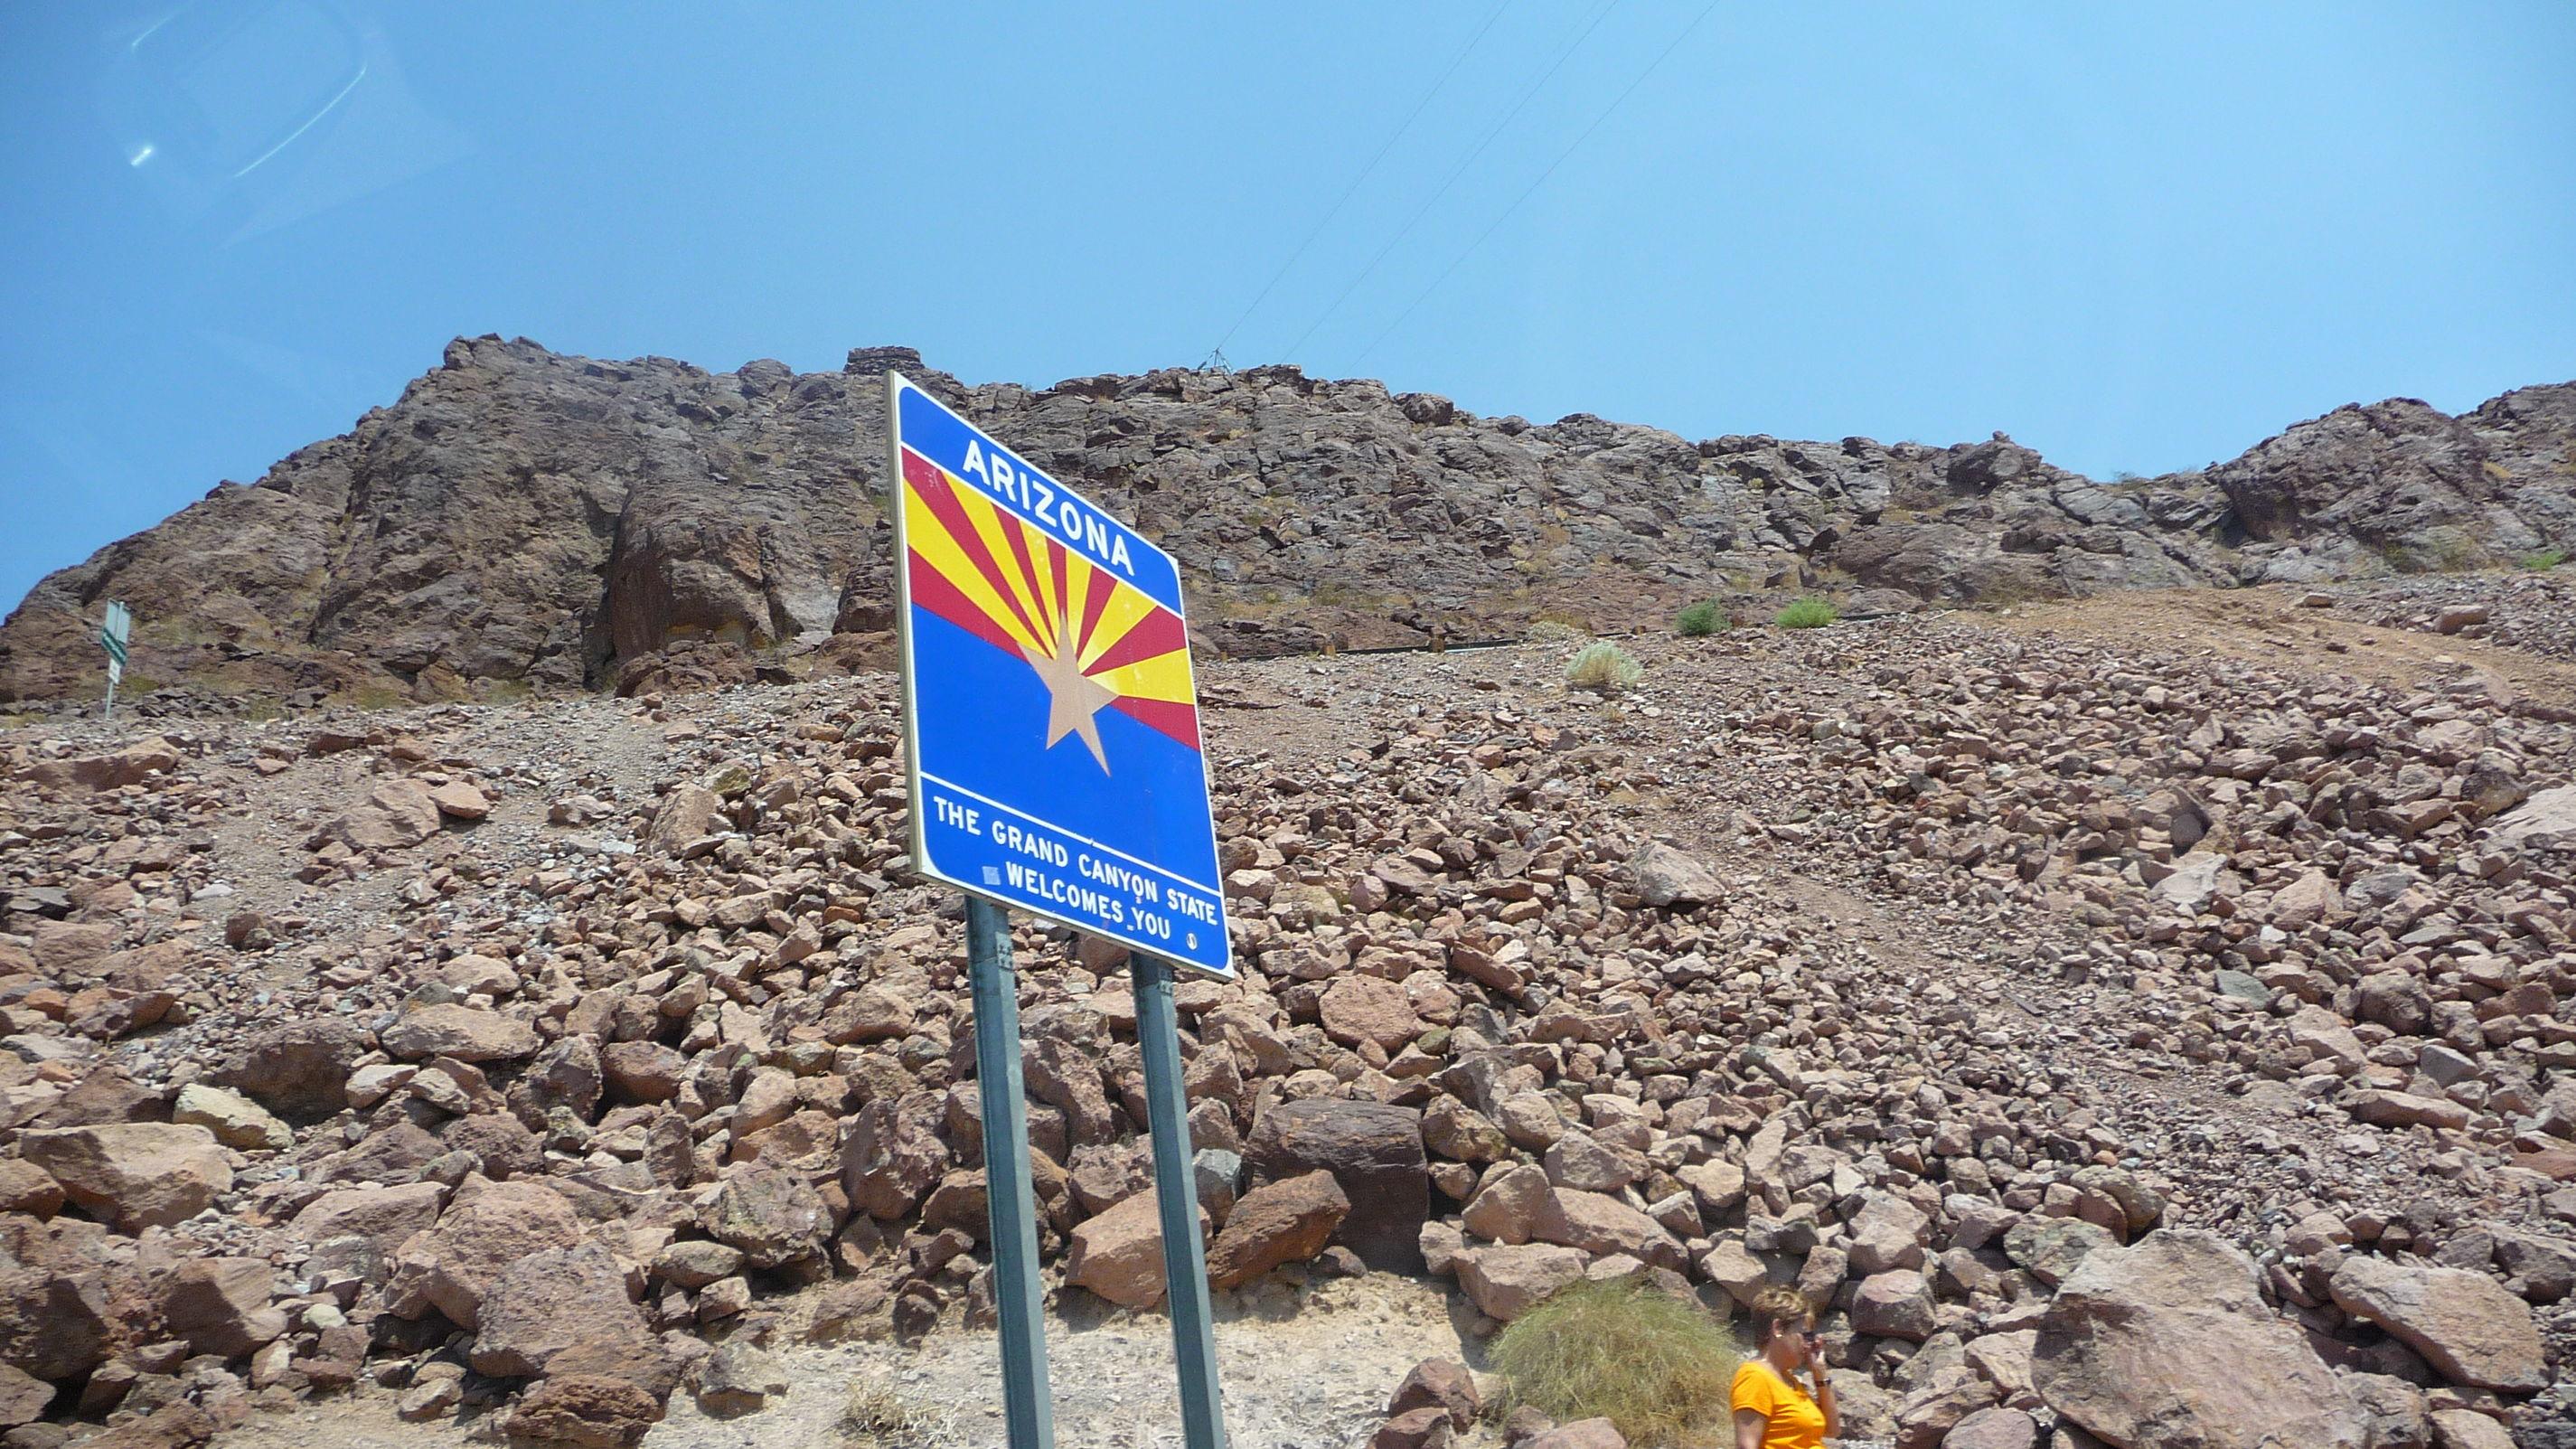 Arid Climate Arizona Arizona Sign Road Trip S